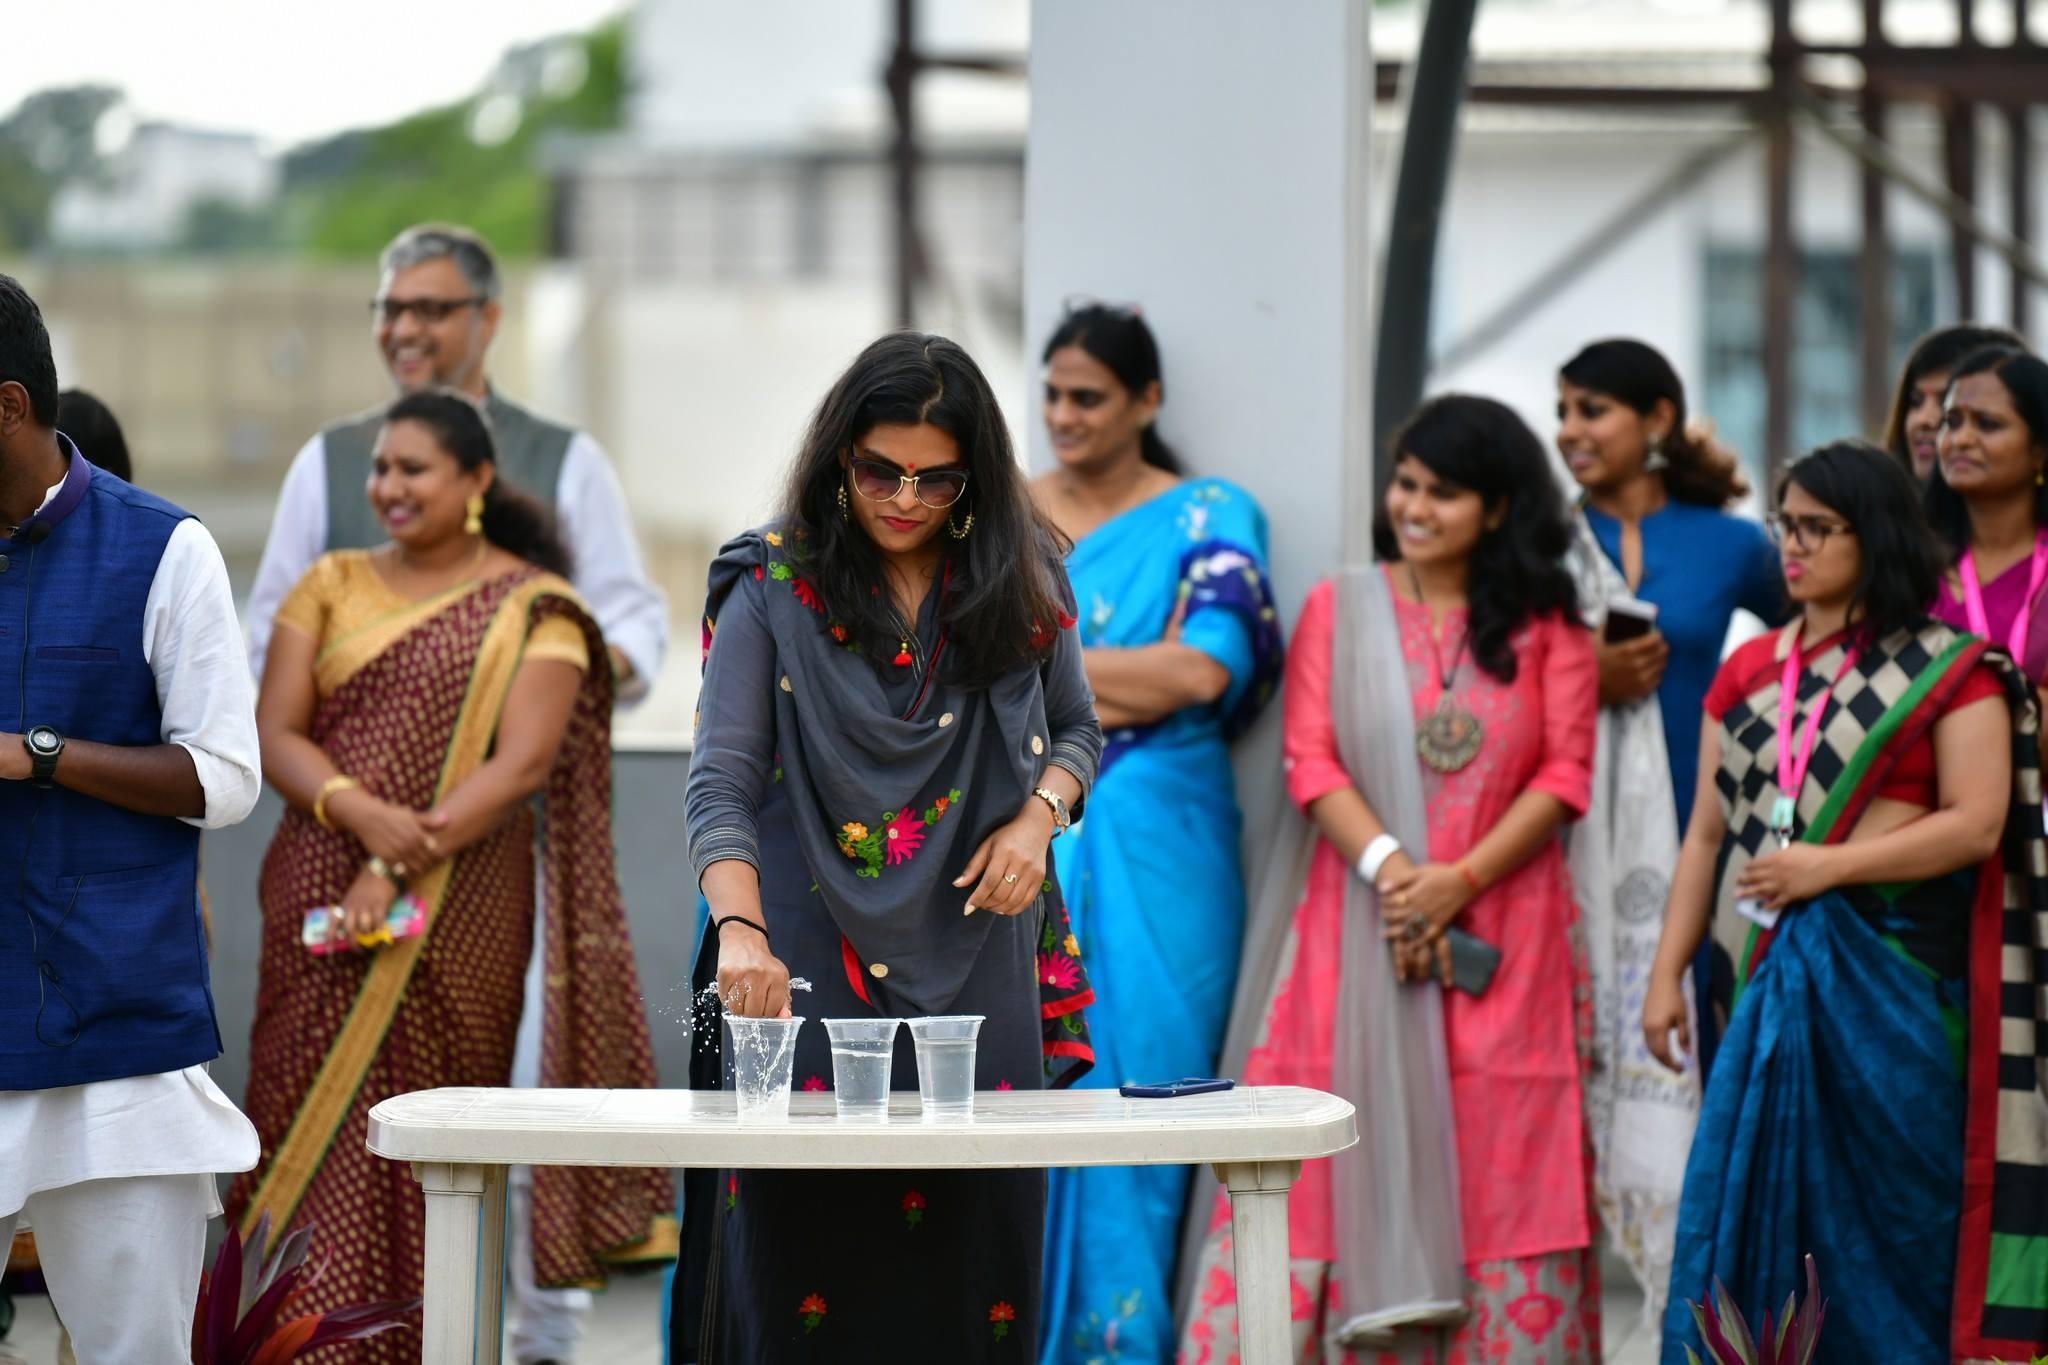 Teacher's Day Celebration at JD Institute teacher's day - teachers day 7 - Teacher's Day Celebration at JD Institute